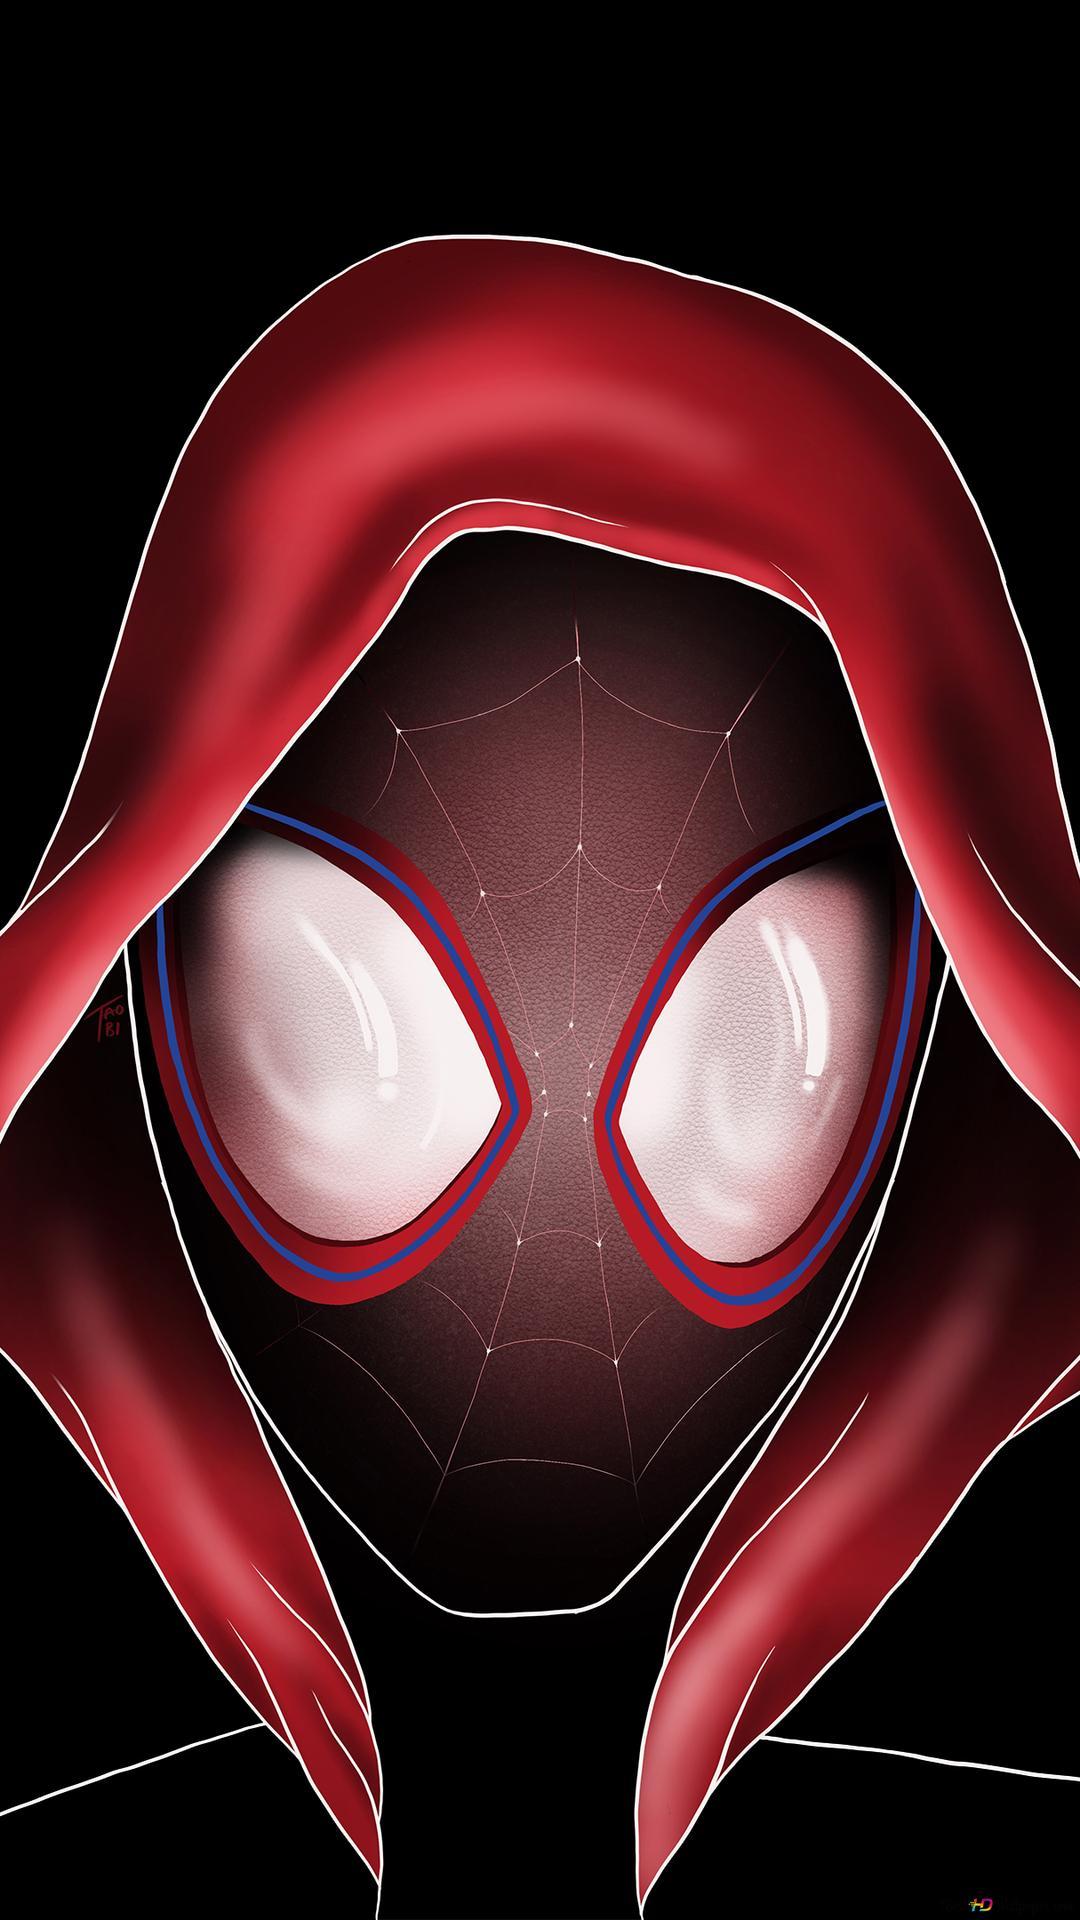 スパイダーマン スパイダー 詩の映画化 マイルモラレスアート Hd